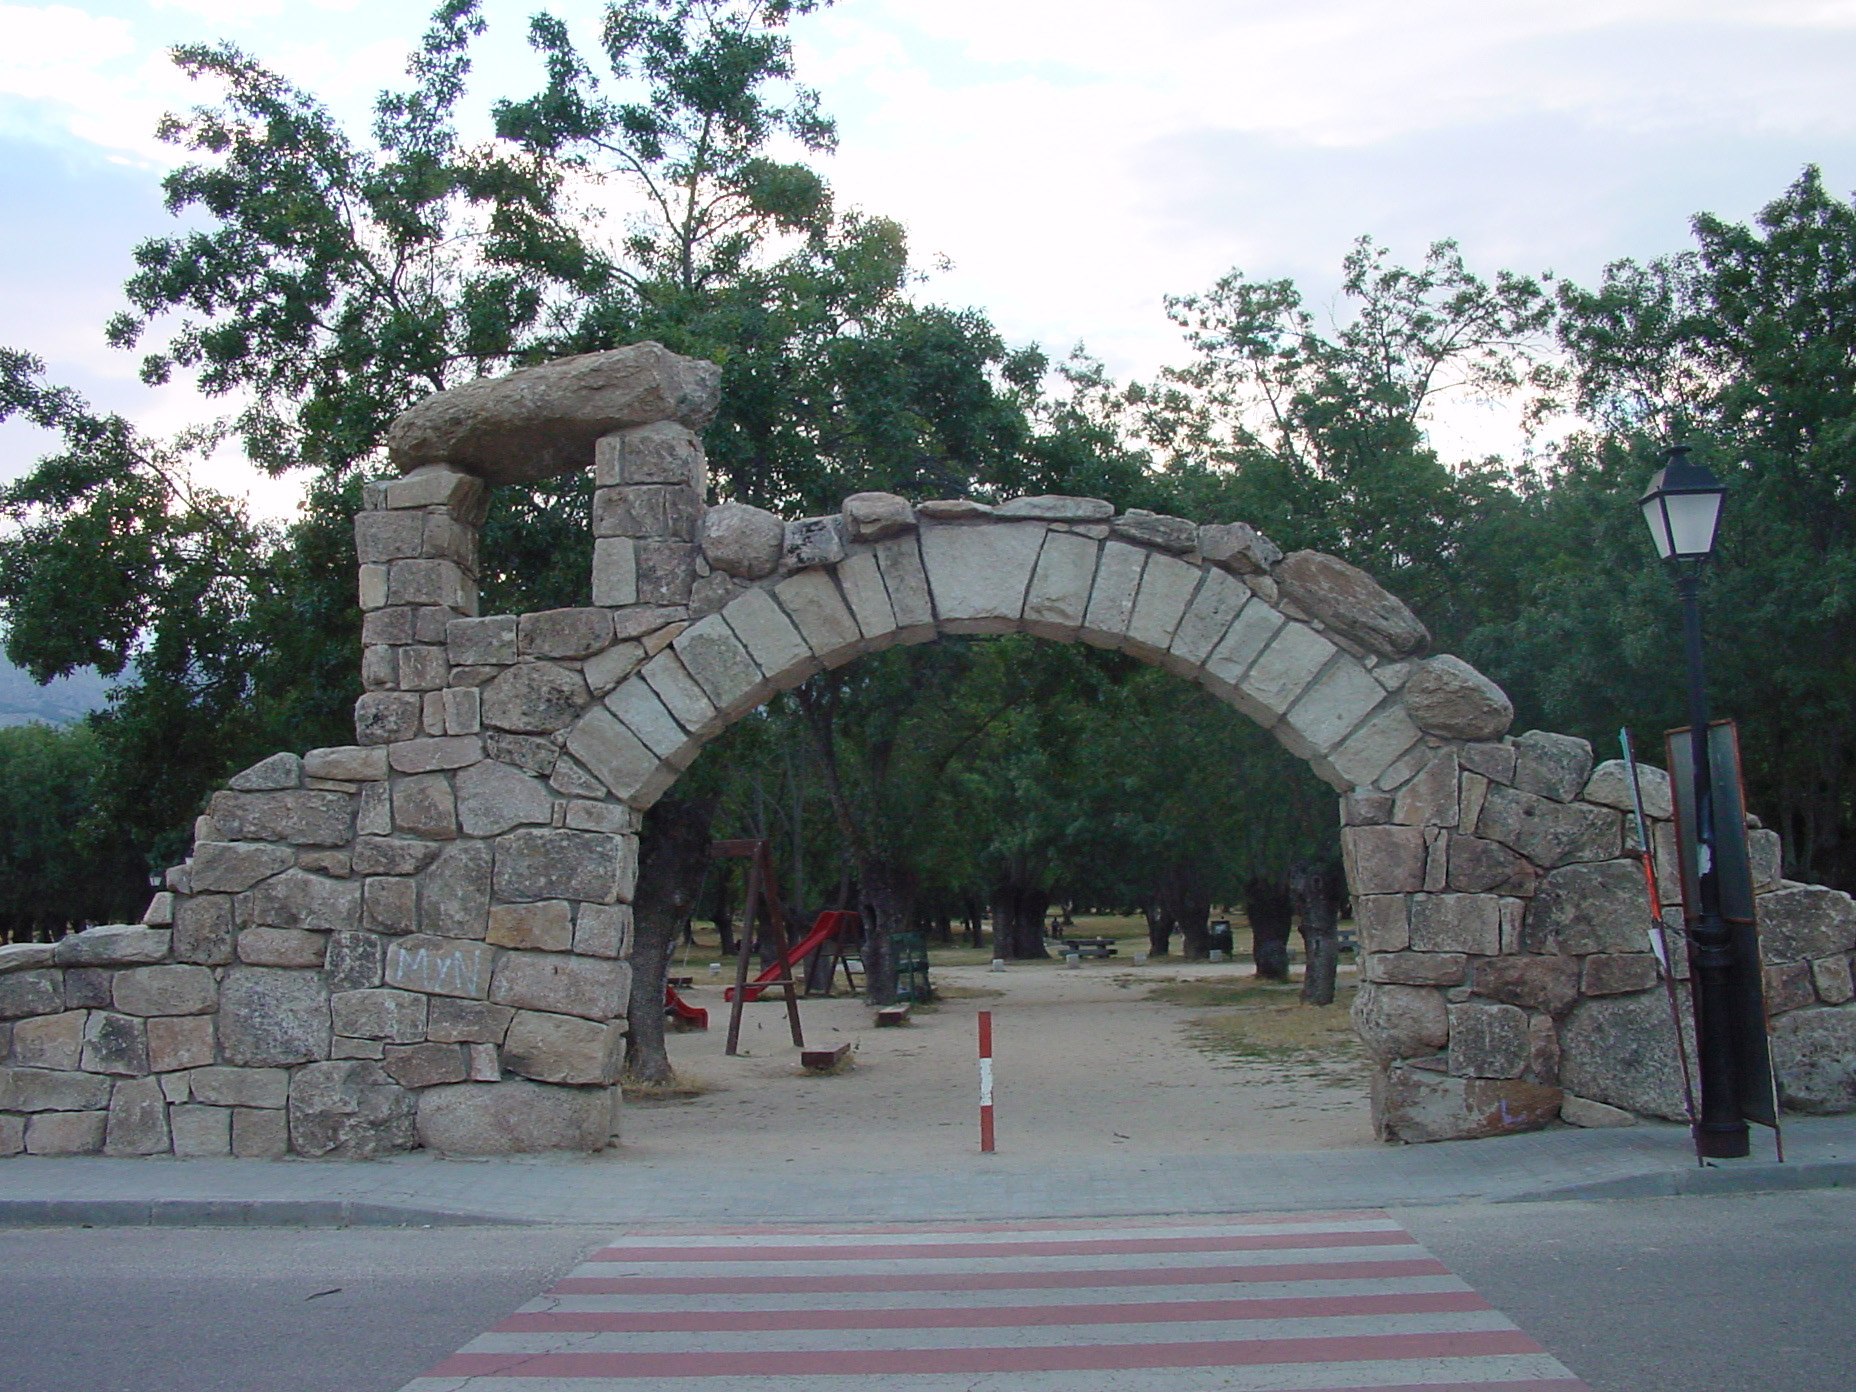 Arco de piedra y parque en Soto del Real